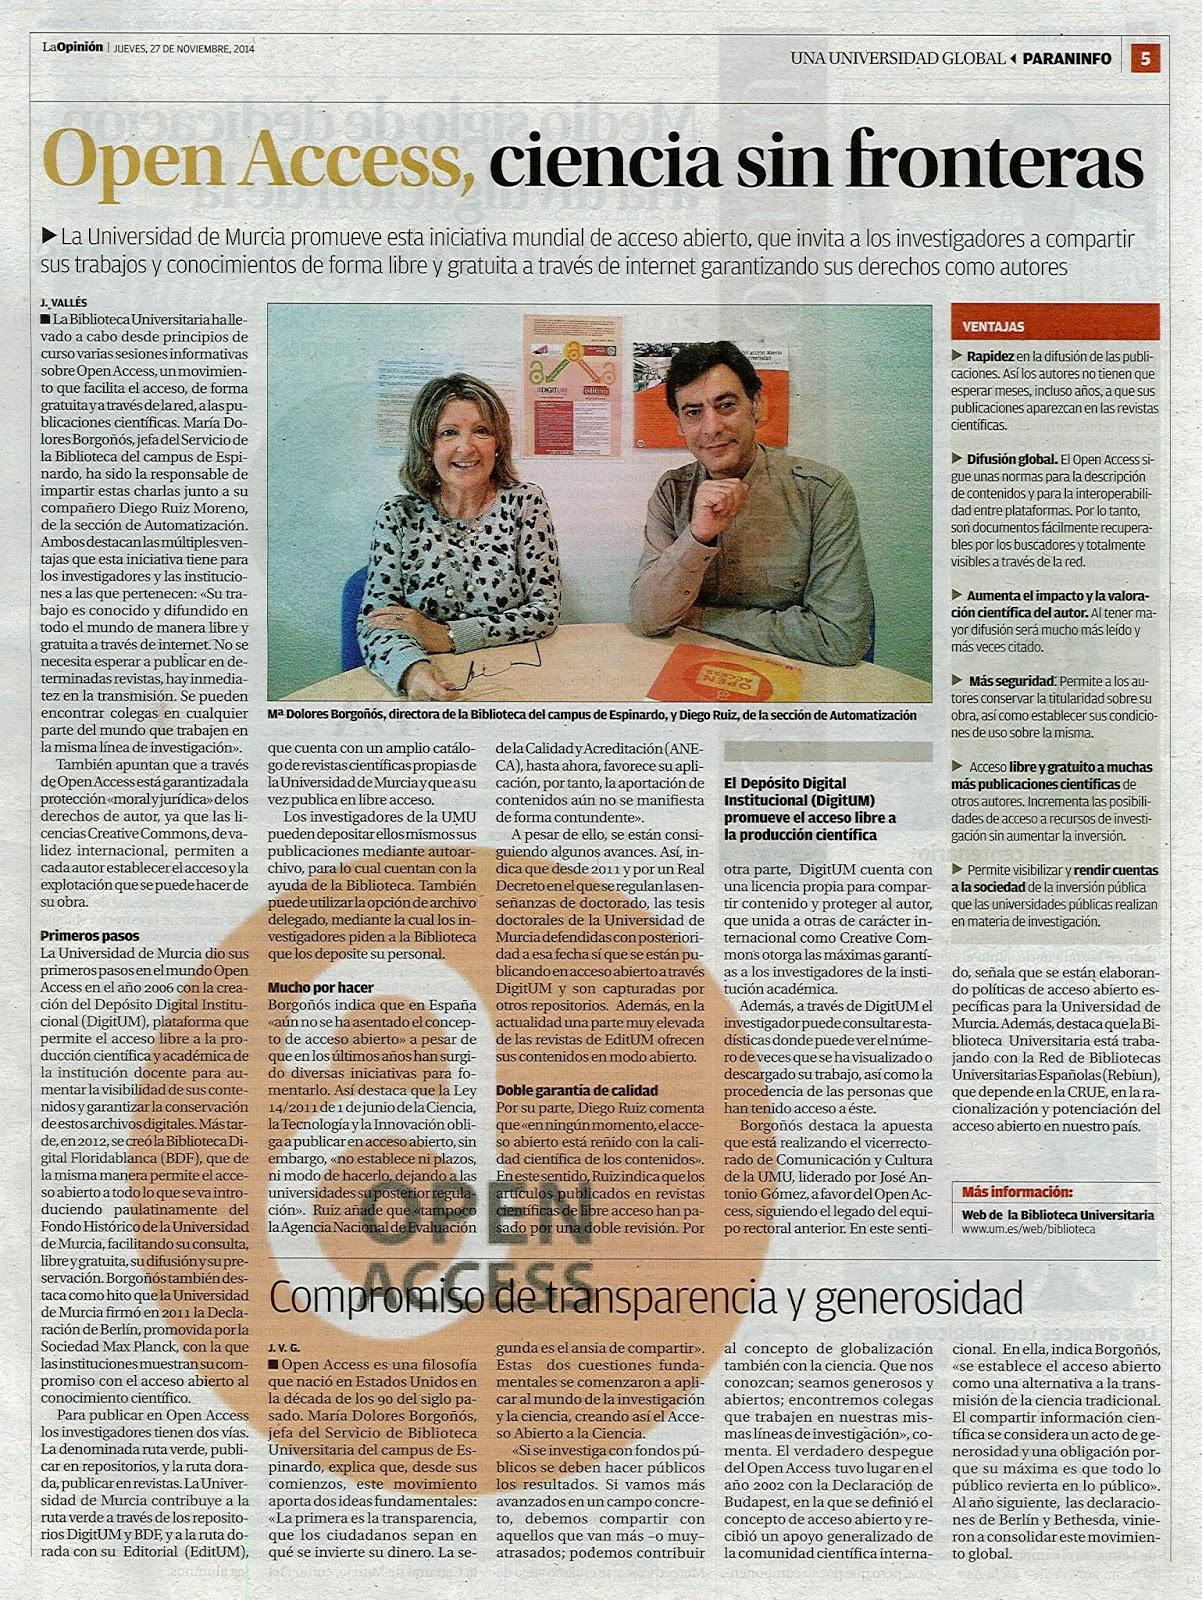 Open Access, ciencia sin fronteras